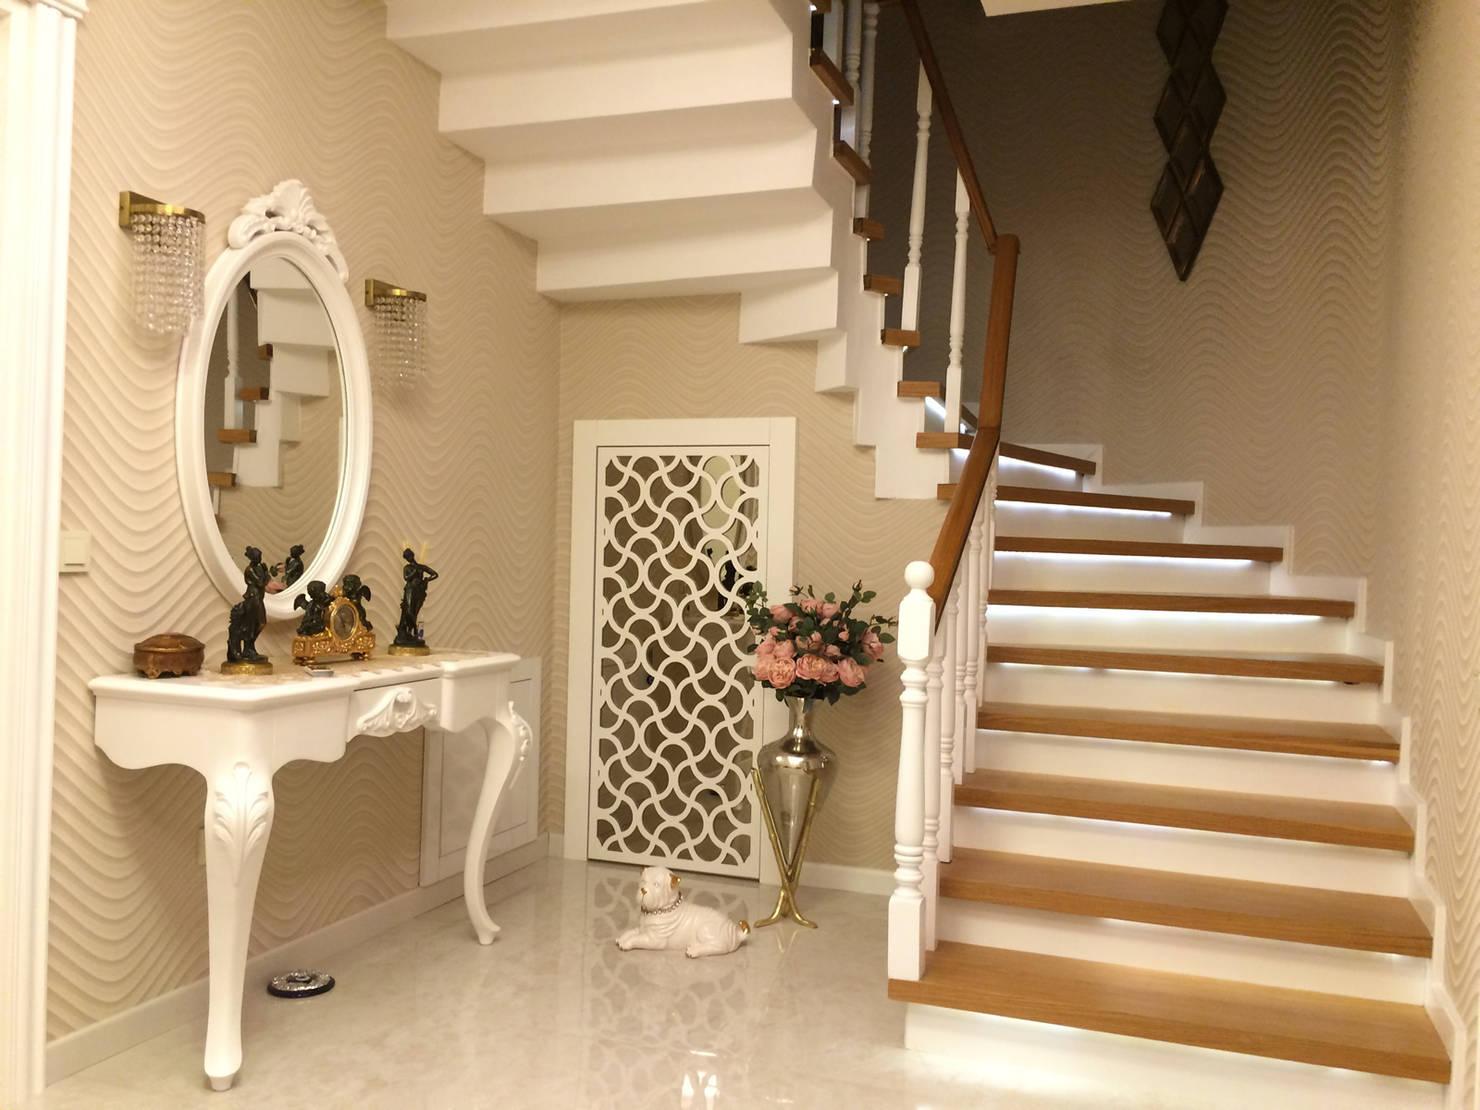 İlham alabileceğiniz 10 merdiven modeli